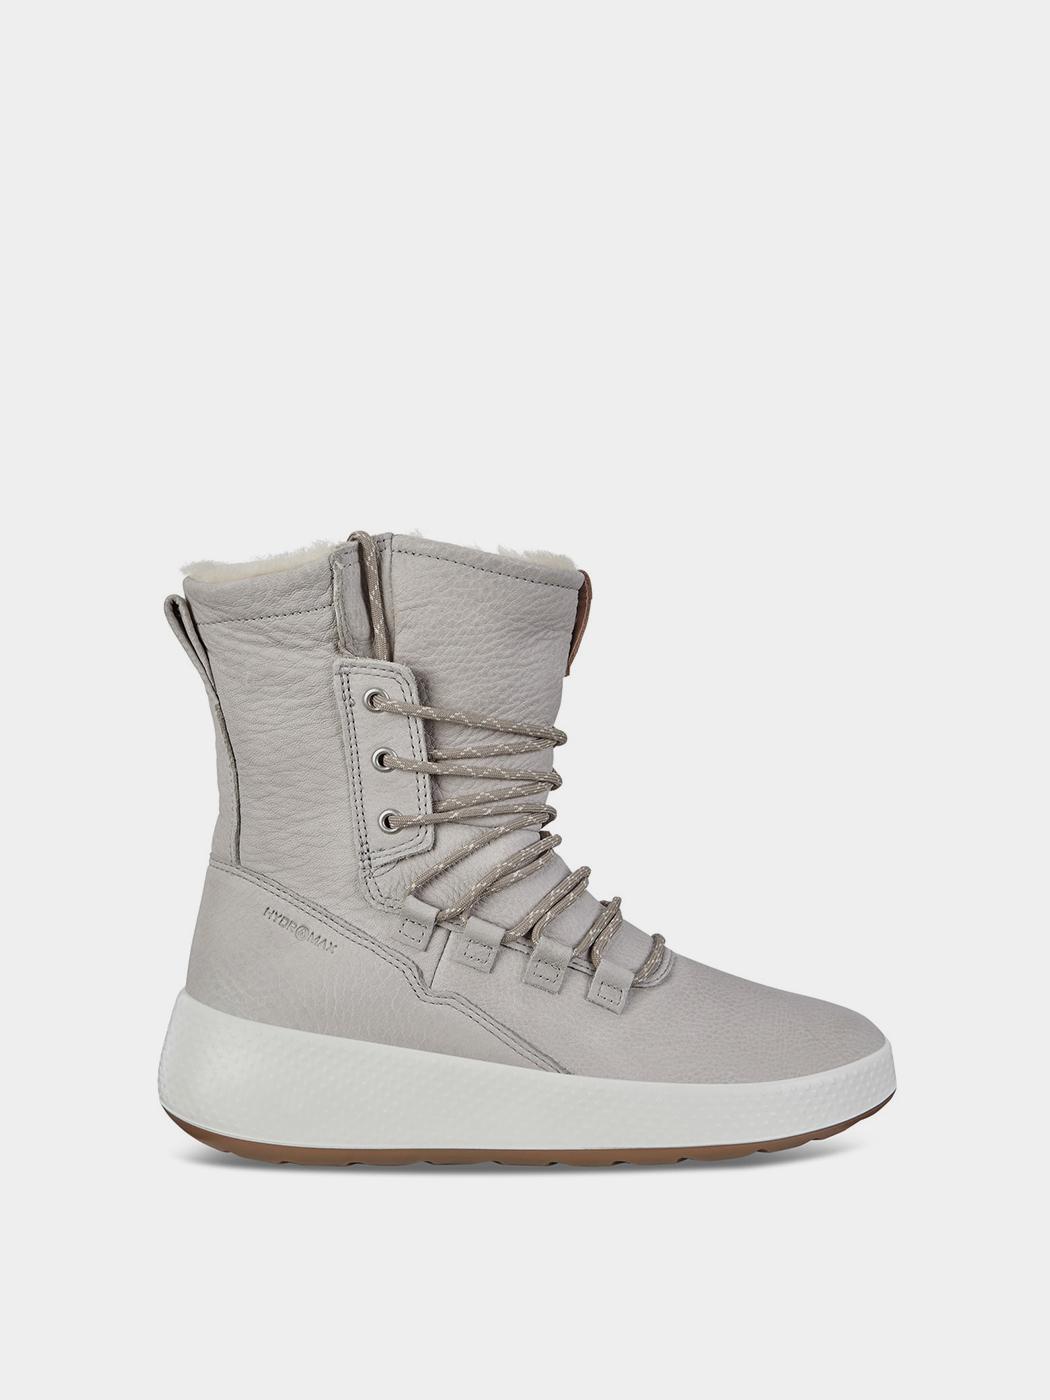 жіночі чоботи ecco ukiuk 221053(02539) нубукові